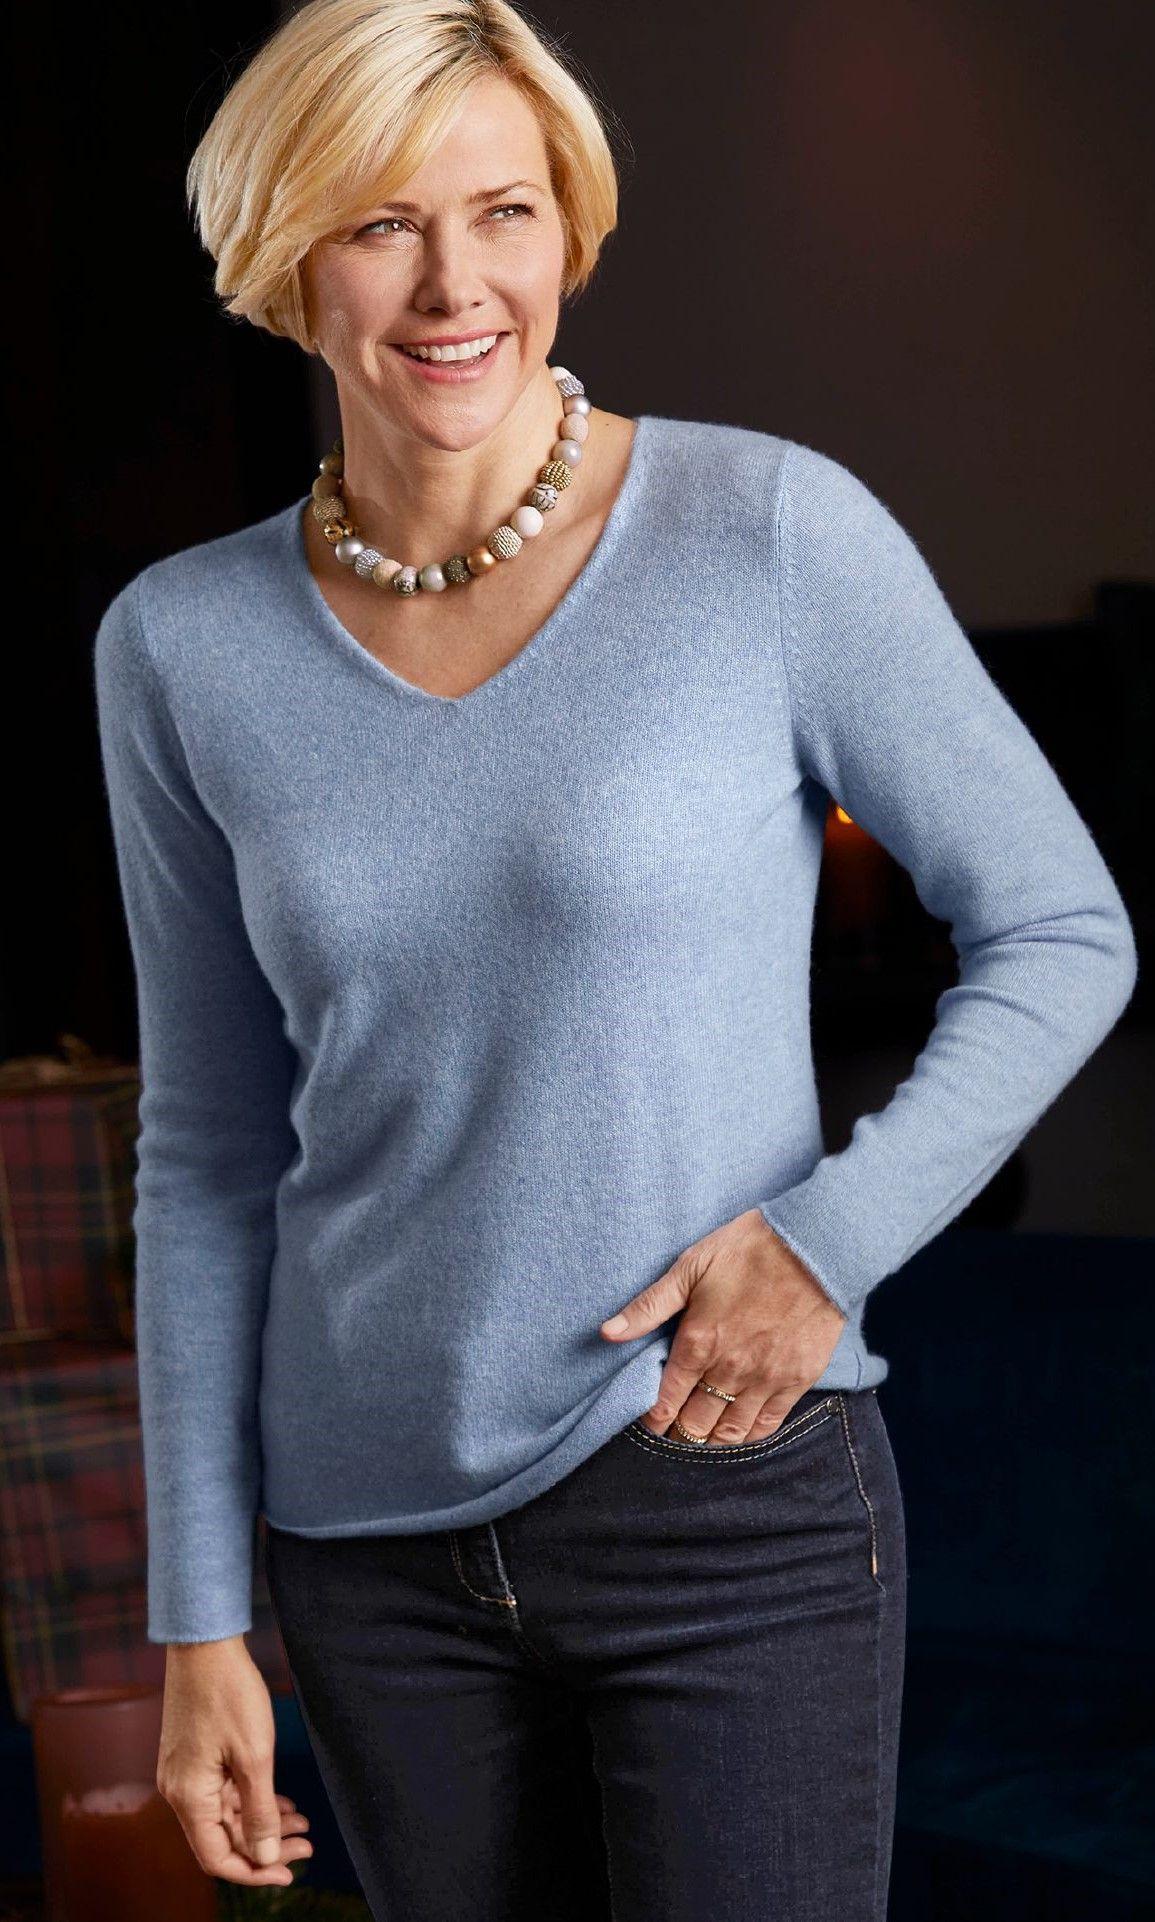 Cashmere Leicht Pullover Pullover Outfit Zusammenstellen Warme Outfits